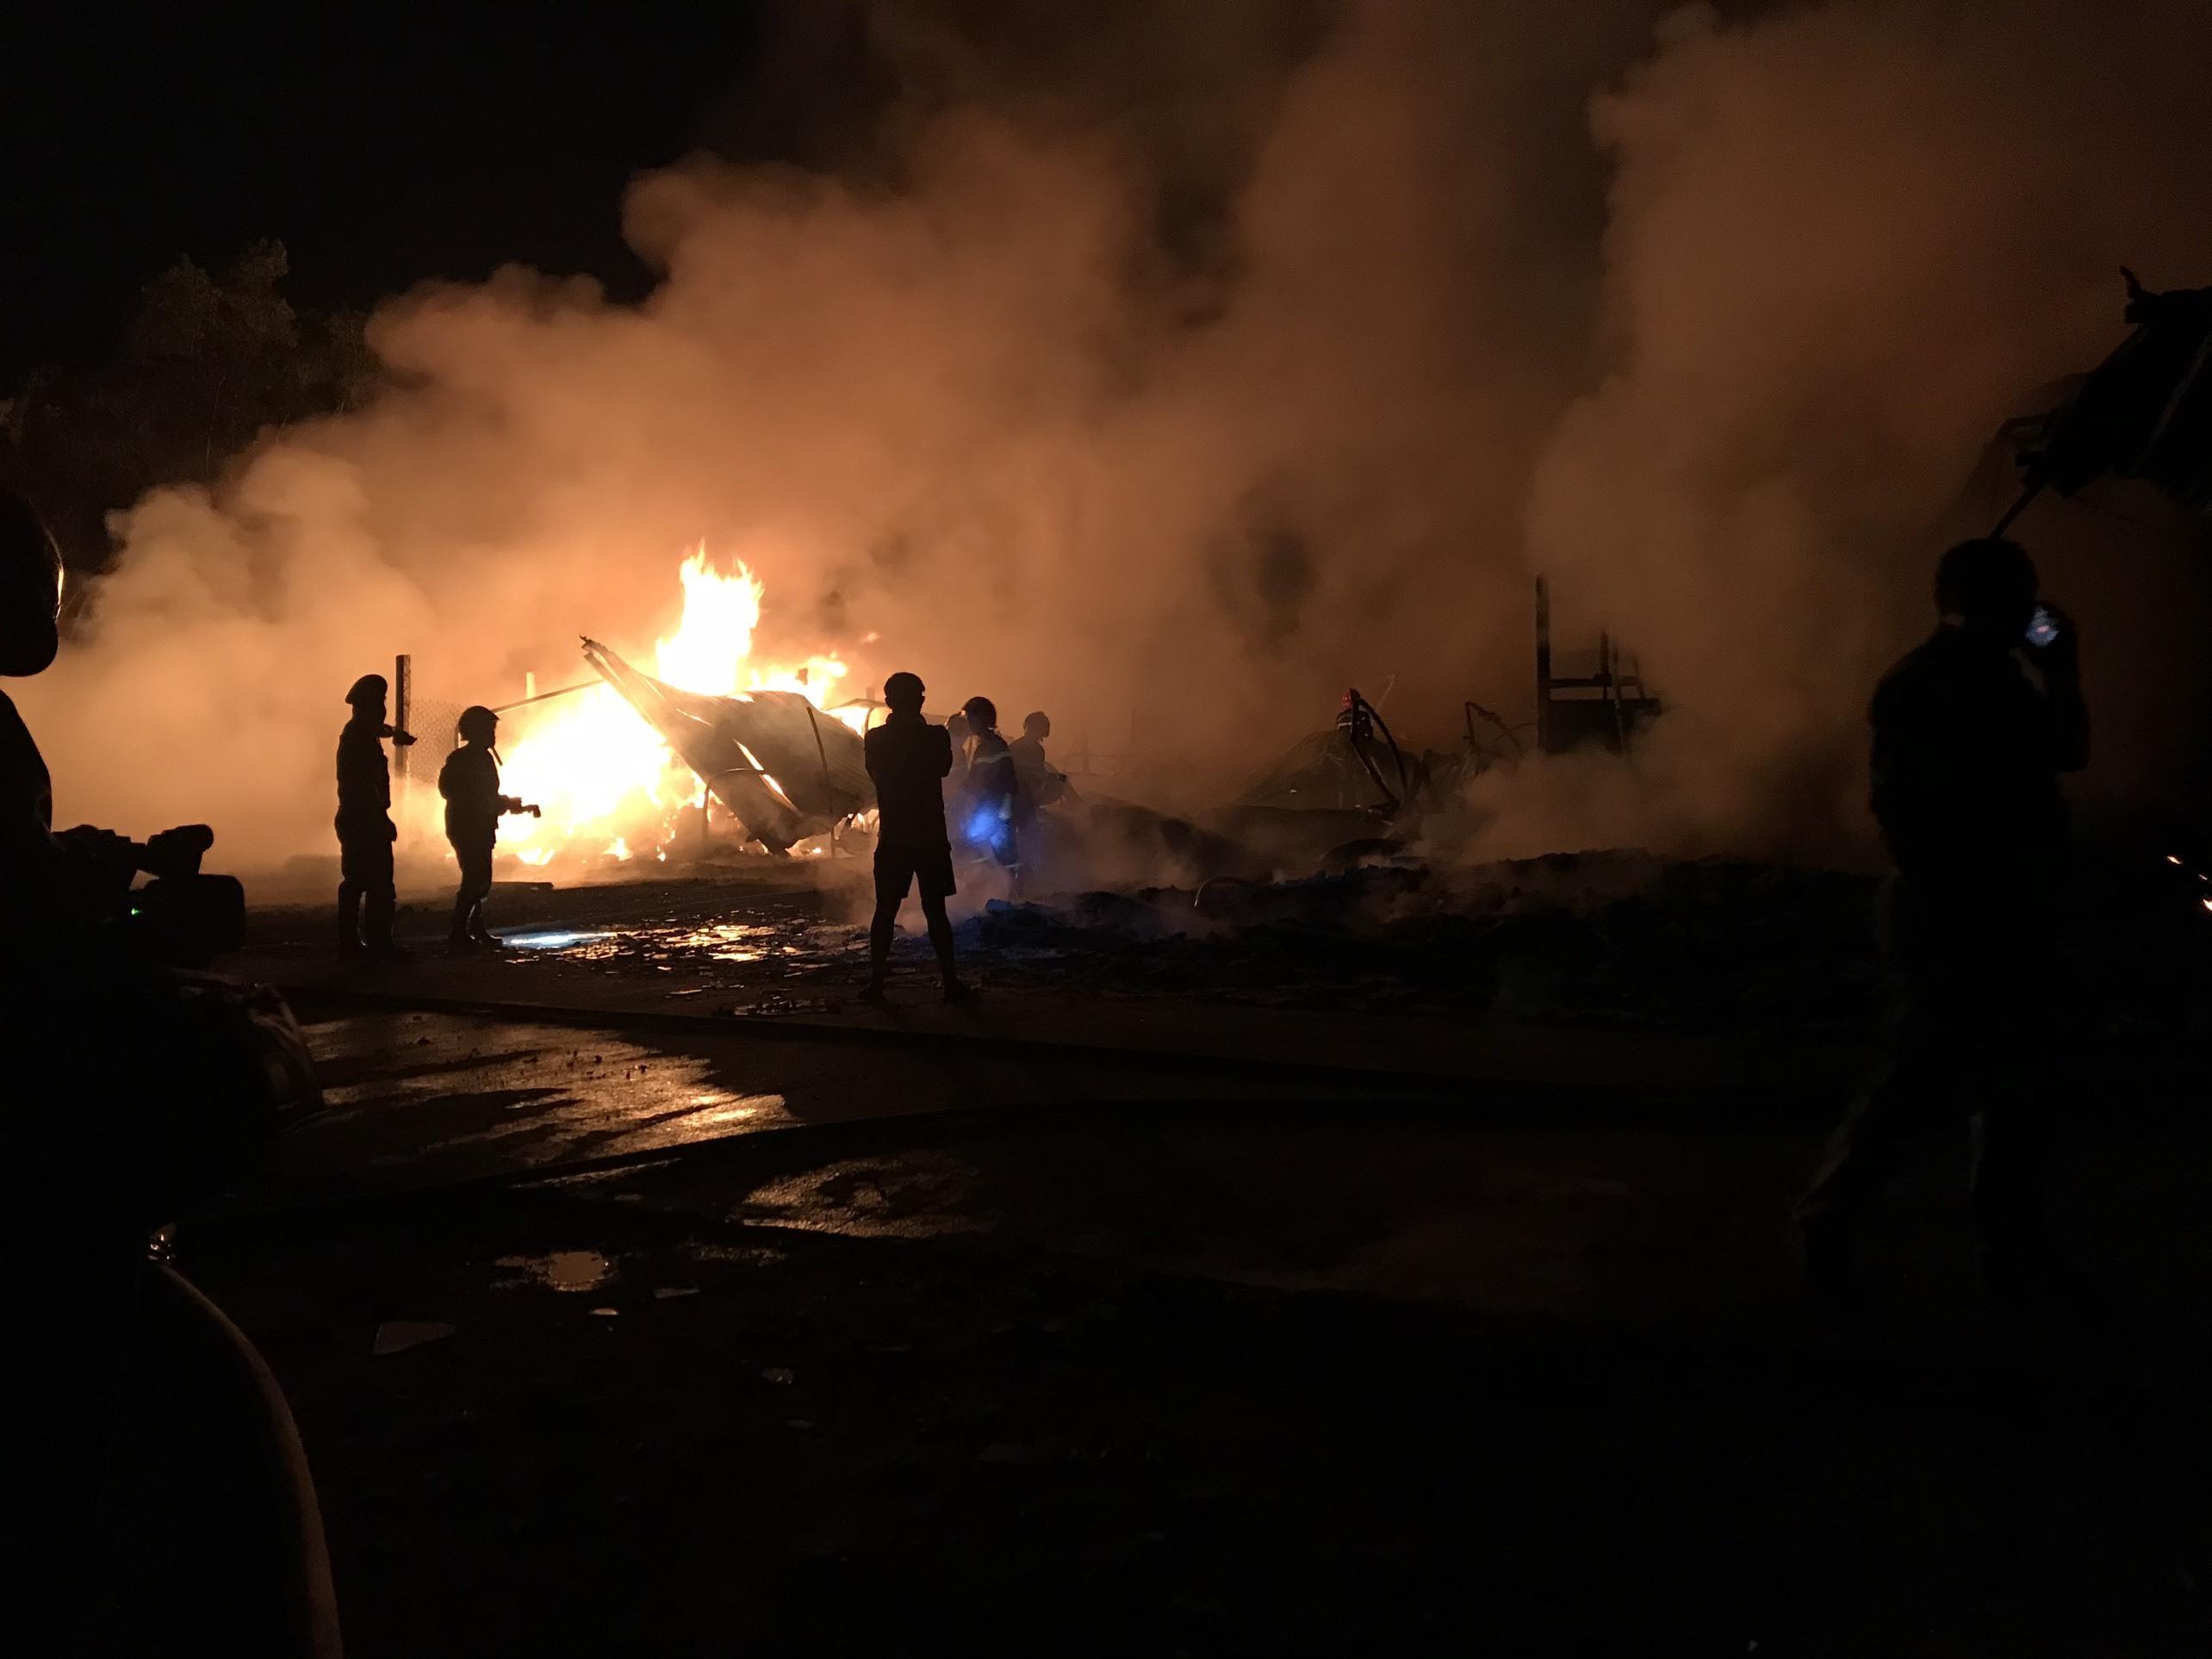 Xưởng bao bì cháy ngùn ngụt, trăm người đổ đi xem bất chấp cách ly xã hội